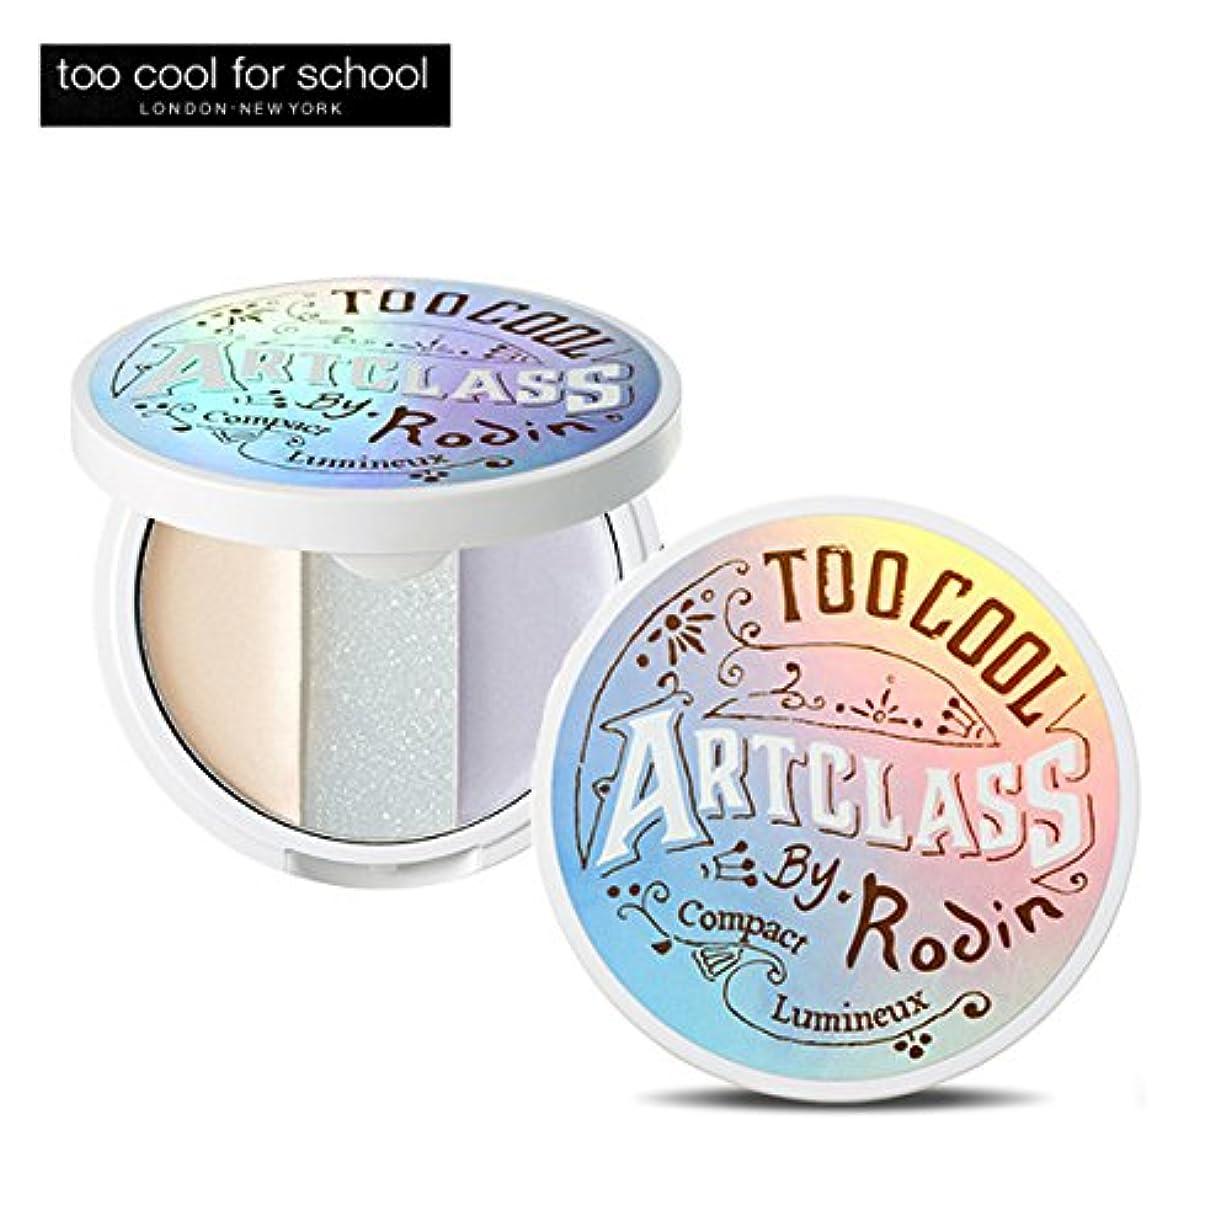 肥沃なカルシウム魅惑的なtoo cool for school(トゥークールフォースクール) アートクラス バイロデン ルミナスバーニッシュ(Art Class By Rodin Lumineuse Varnish)7g